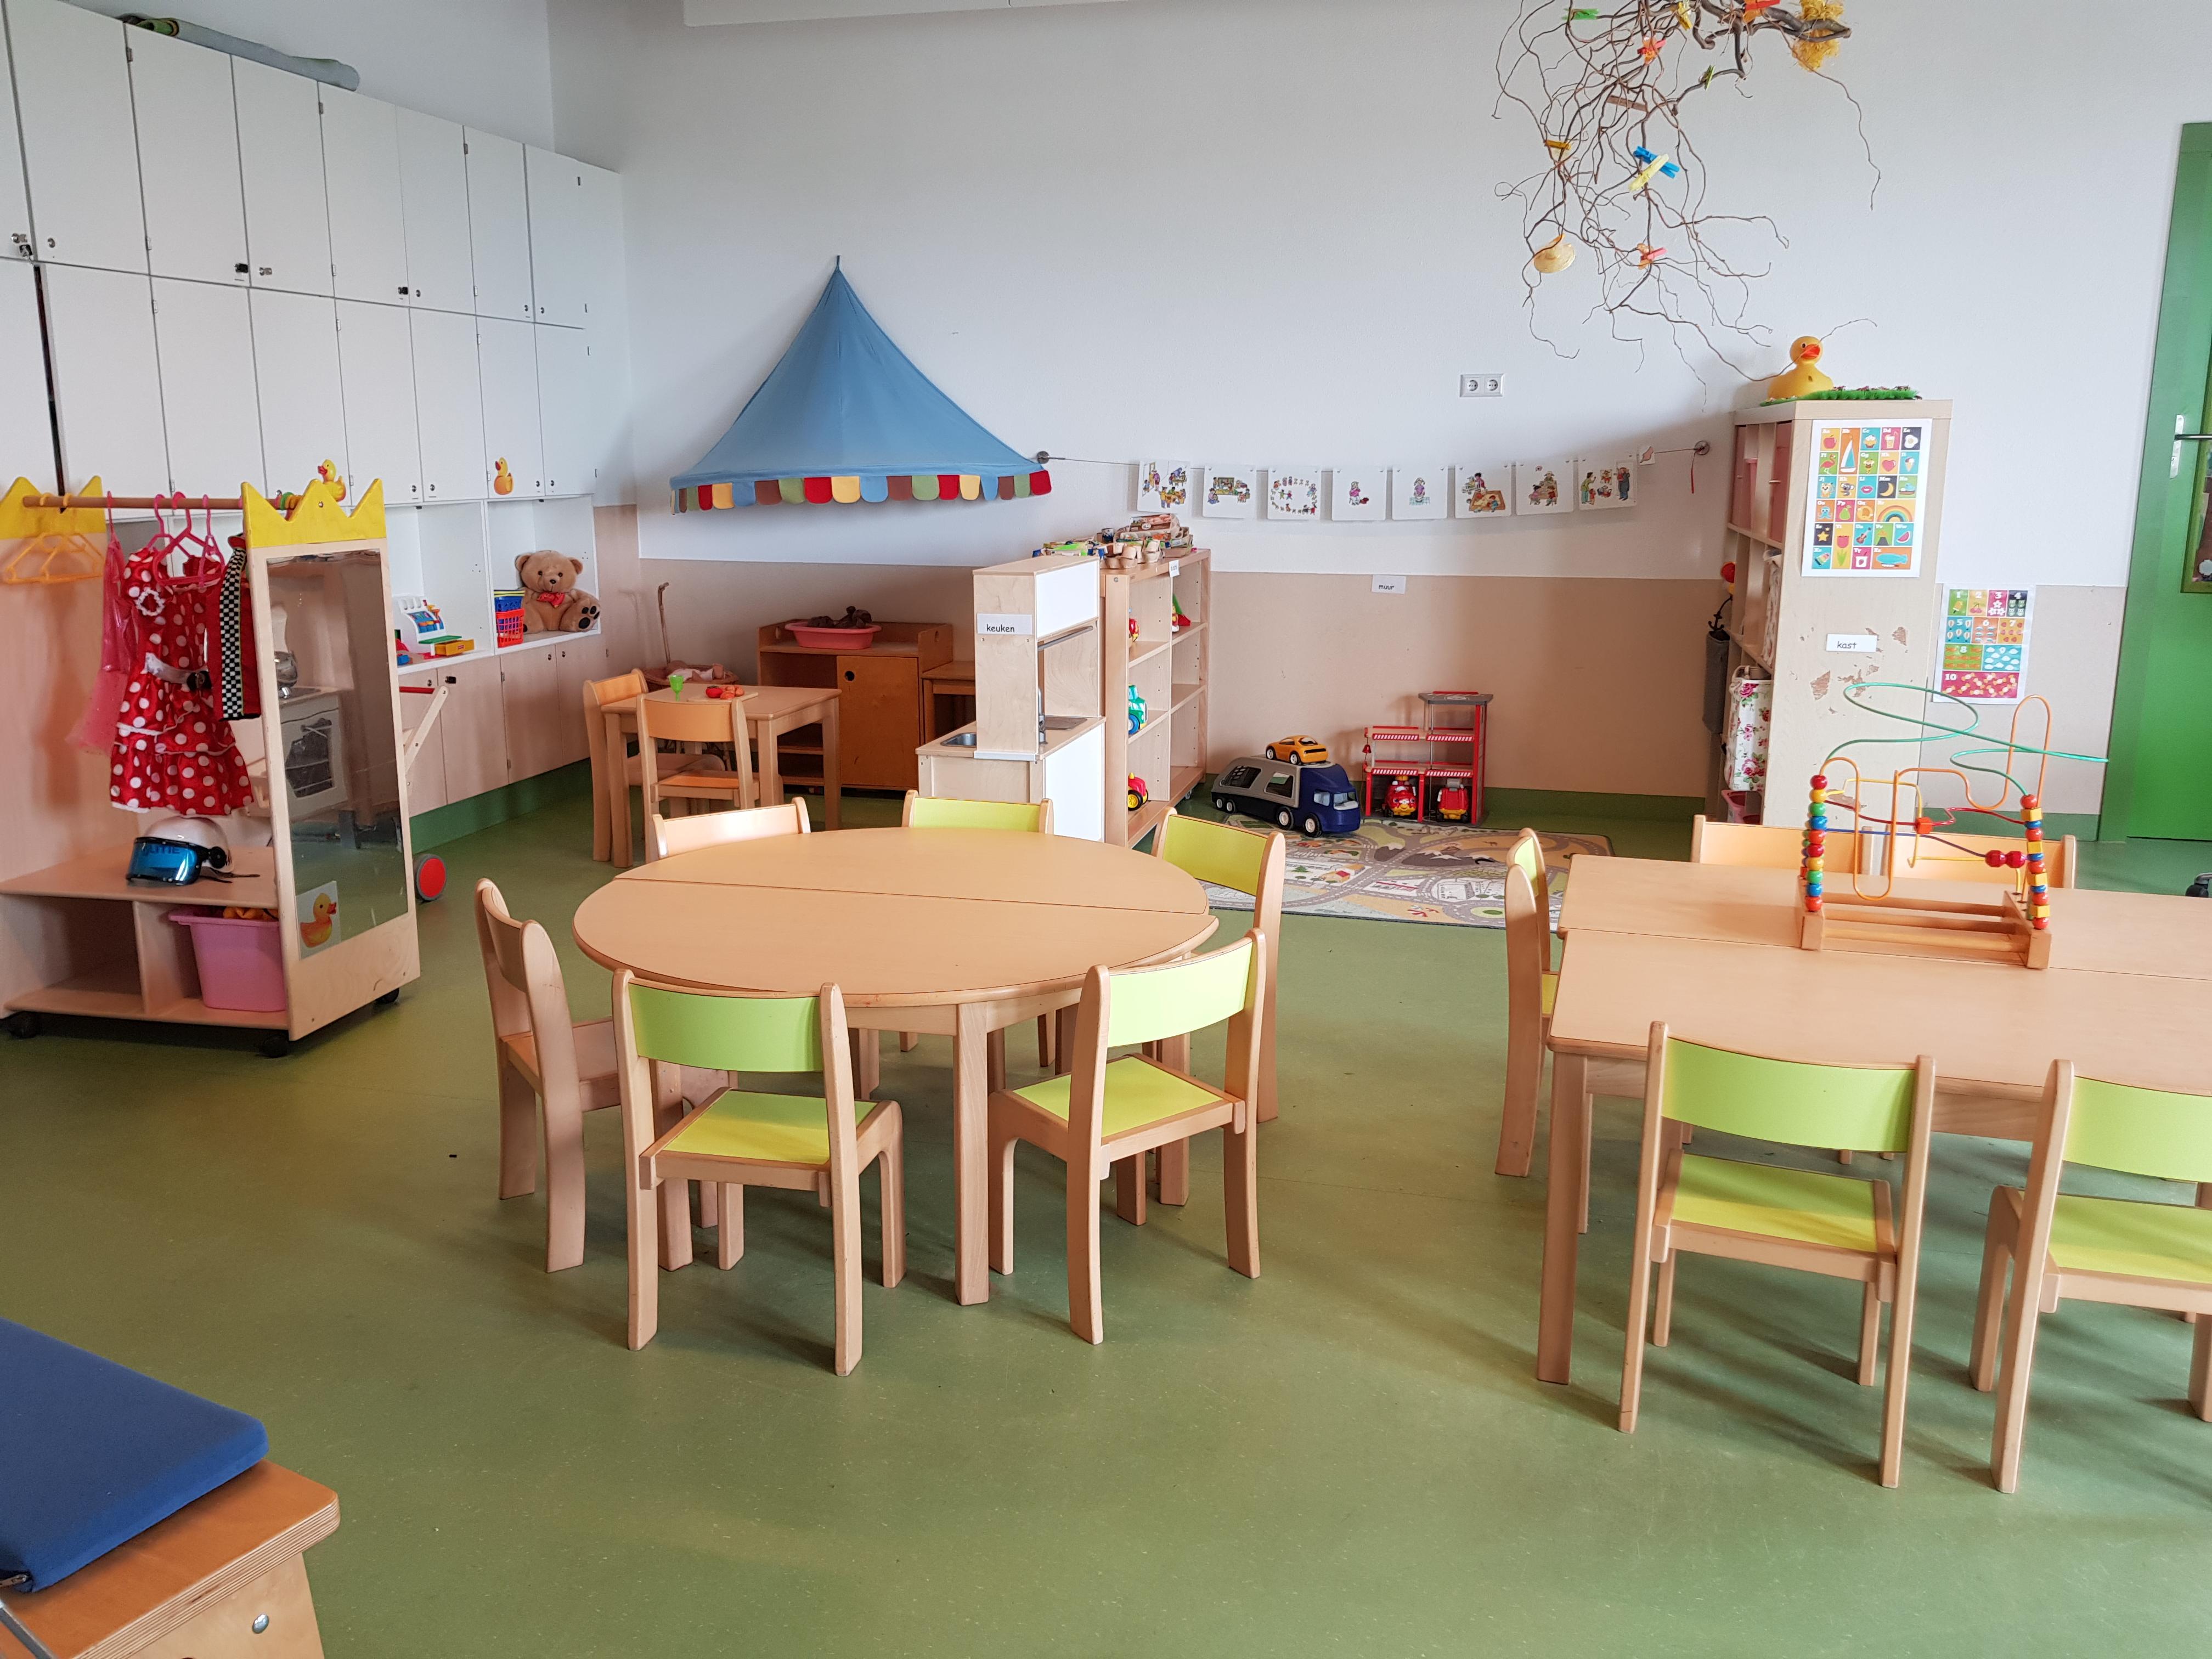 Peuteropvang Ukkie Dukkie Gravenburg Groningen Kids First COP groep